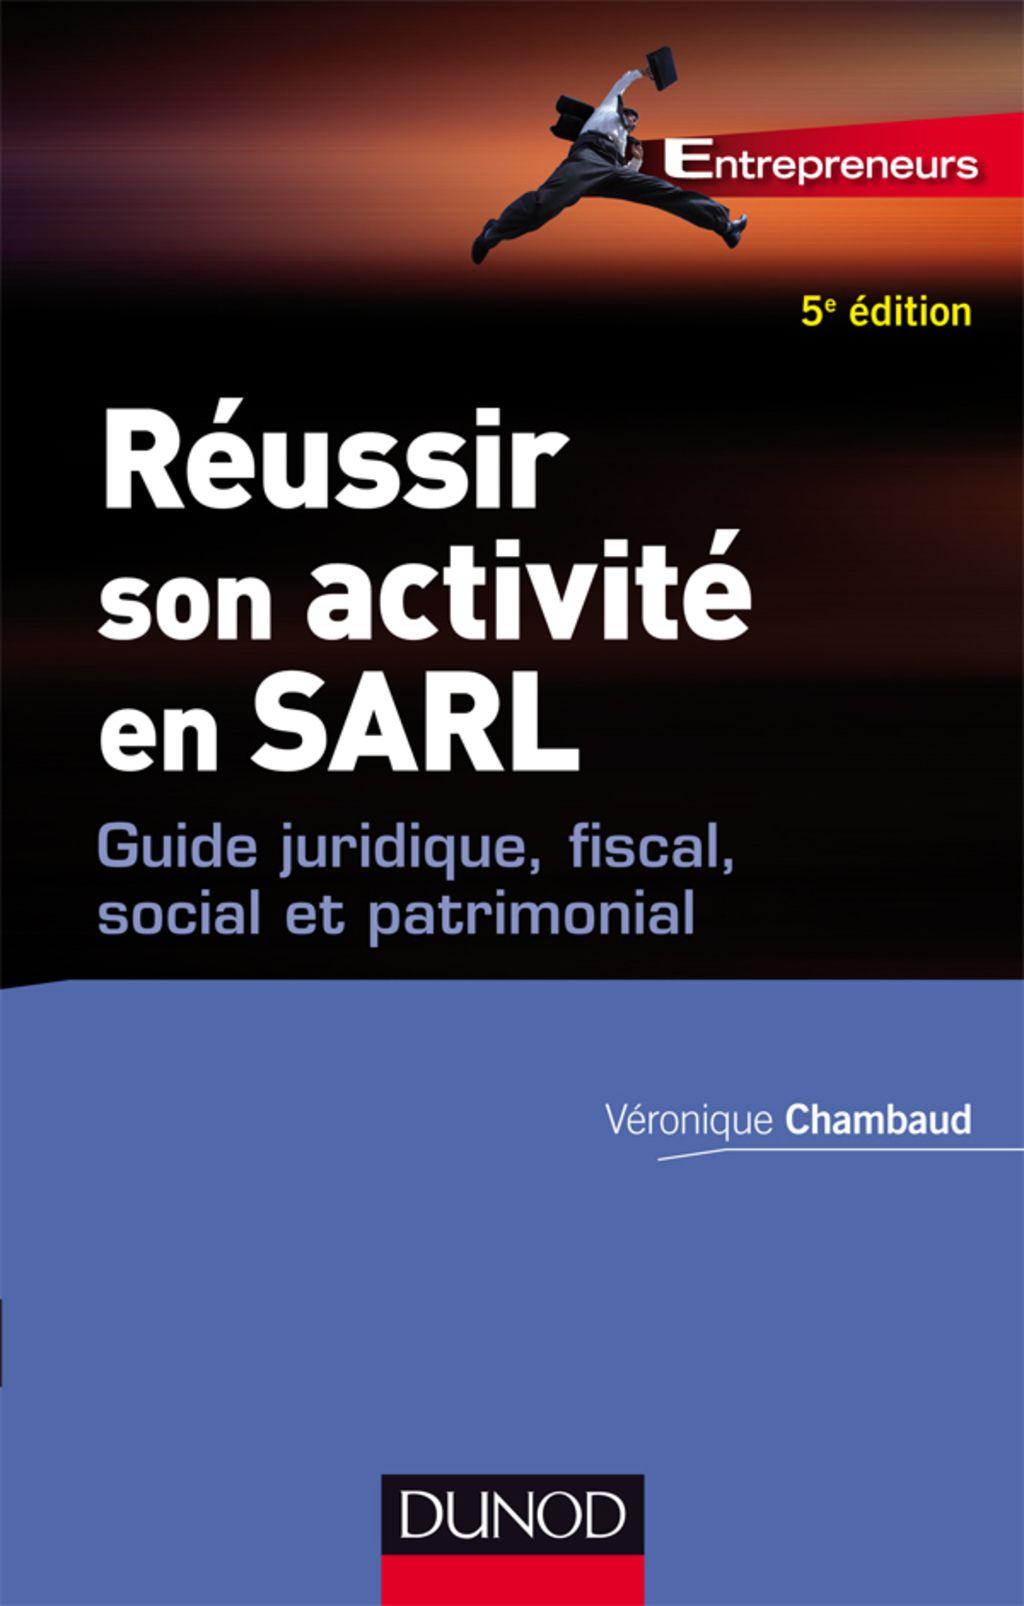 Réussir son activité en SARL 5e éd. (eBook) Books